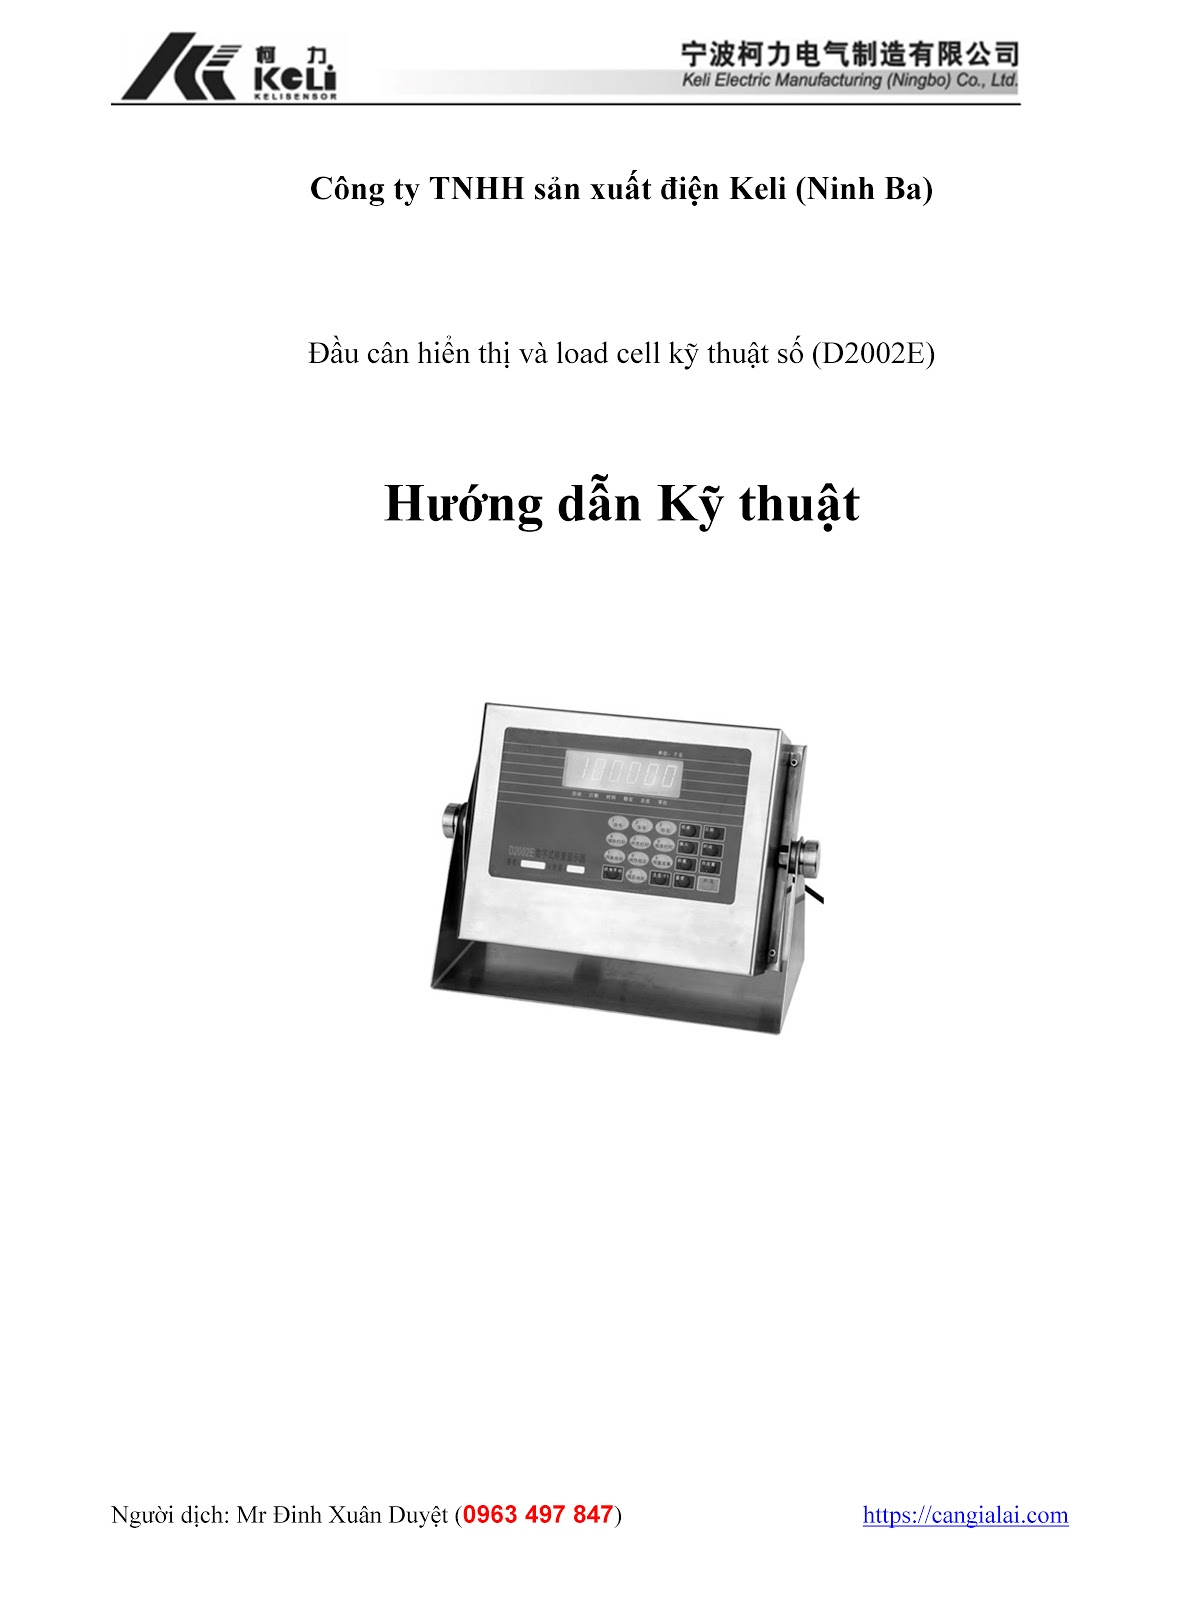 Hướng dẫn cấu hình trên đầu cân kỹ thuật số D2002E 1